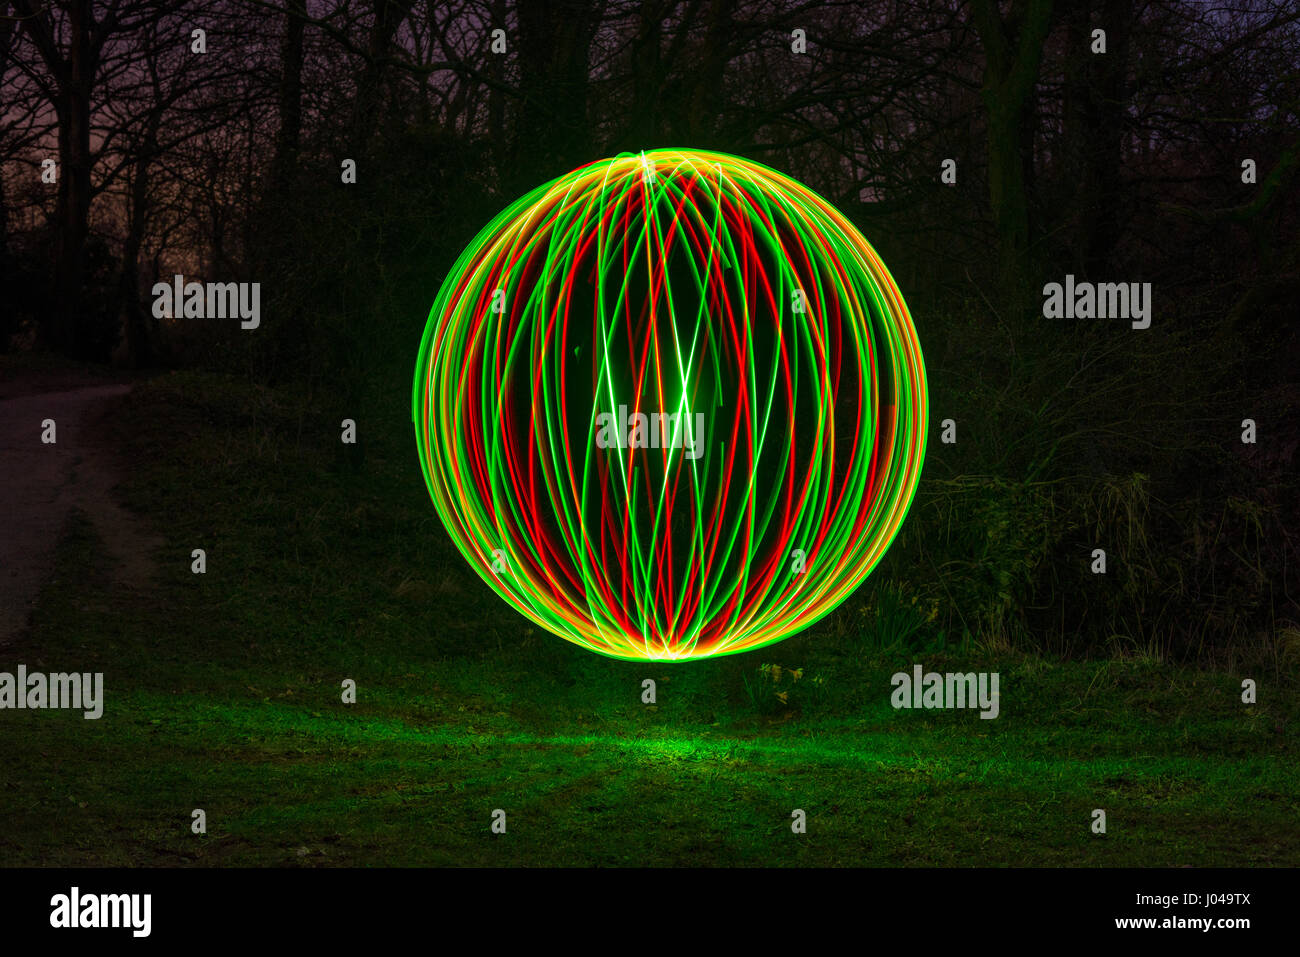 Une sphère créée à l'aide de light painting. Une technique photographique spécial Banque D'Images